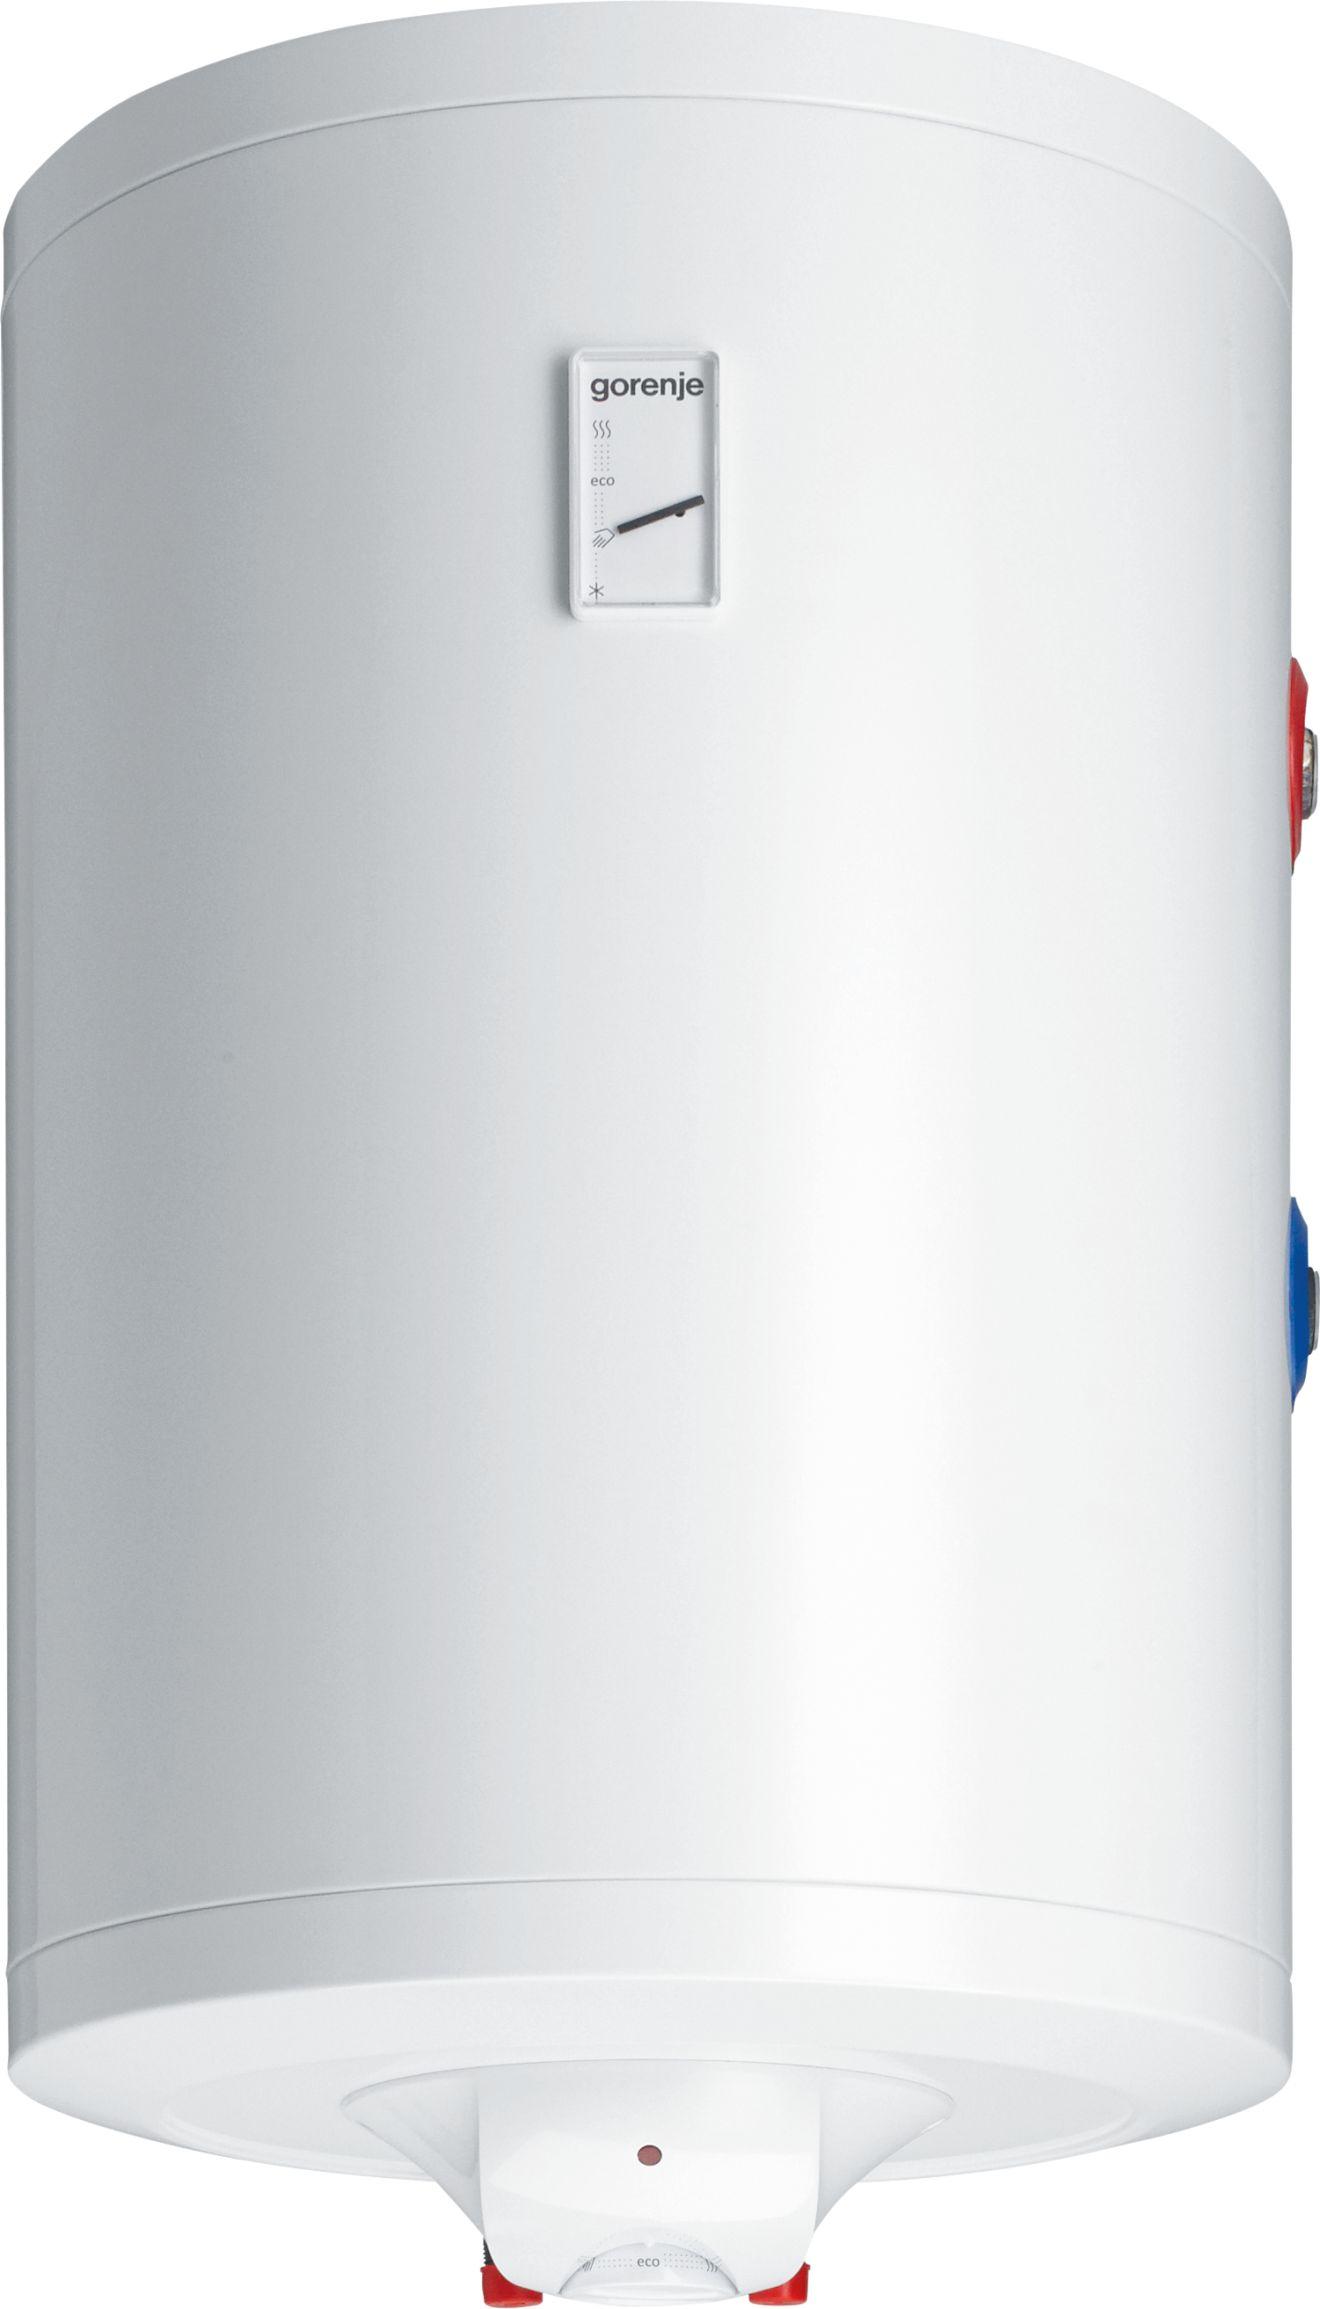 Водонагреватель косвенного нагрева Gorenje TGRK80RNGB6 комбинированный (теплообменник + ТЭН)